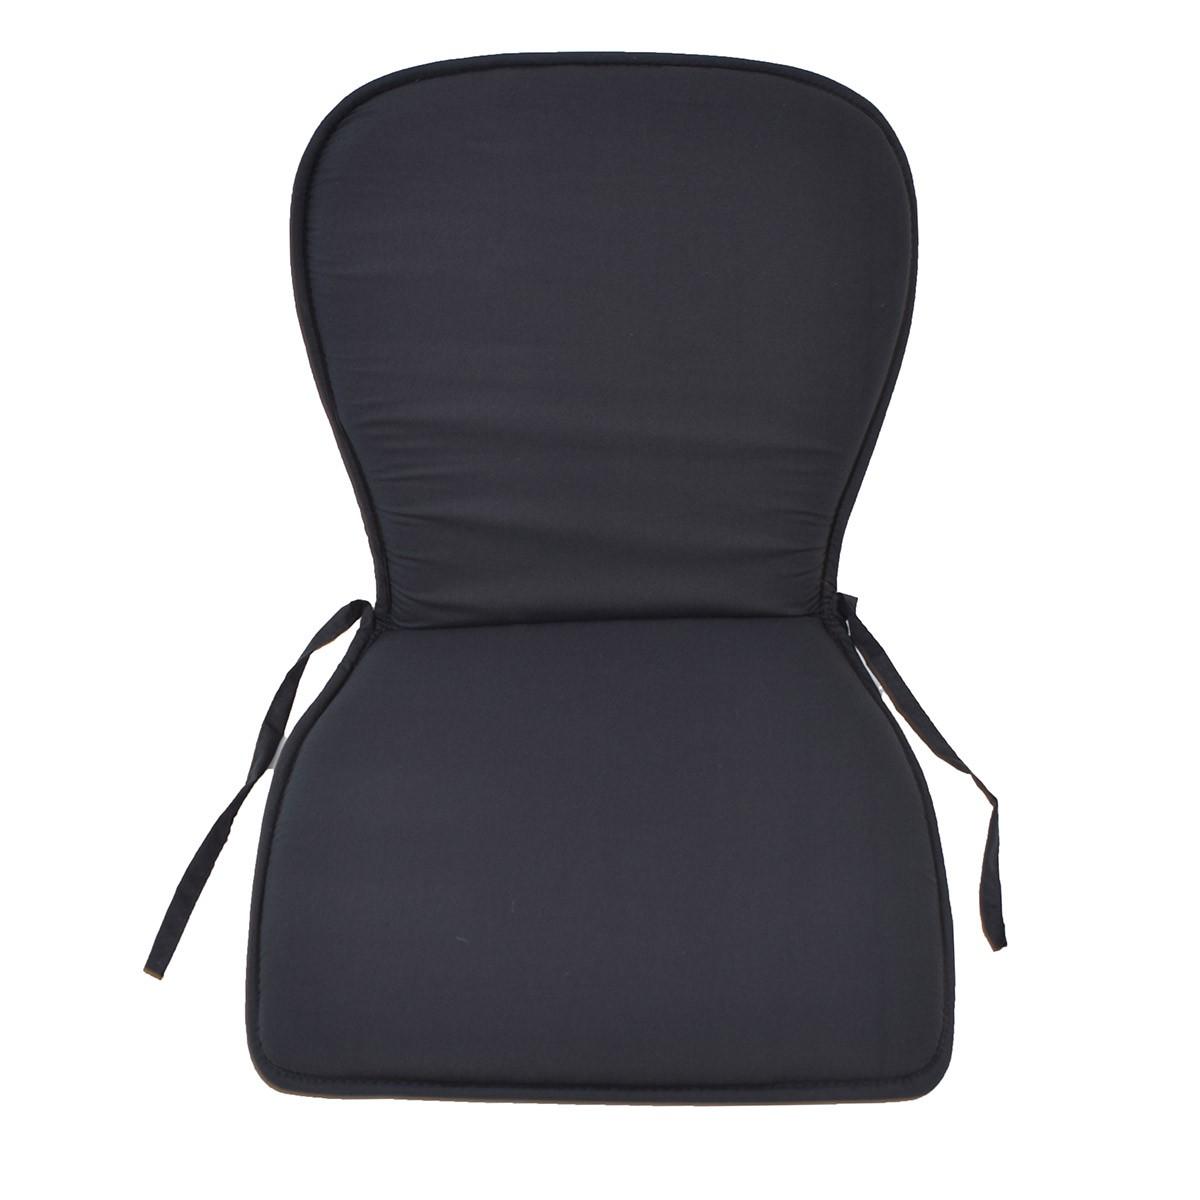 Μαξιλάρι Καρέκλας Κιθάρα Fratoni Solid Black